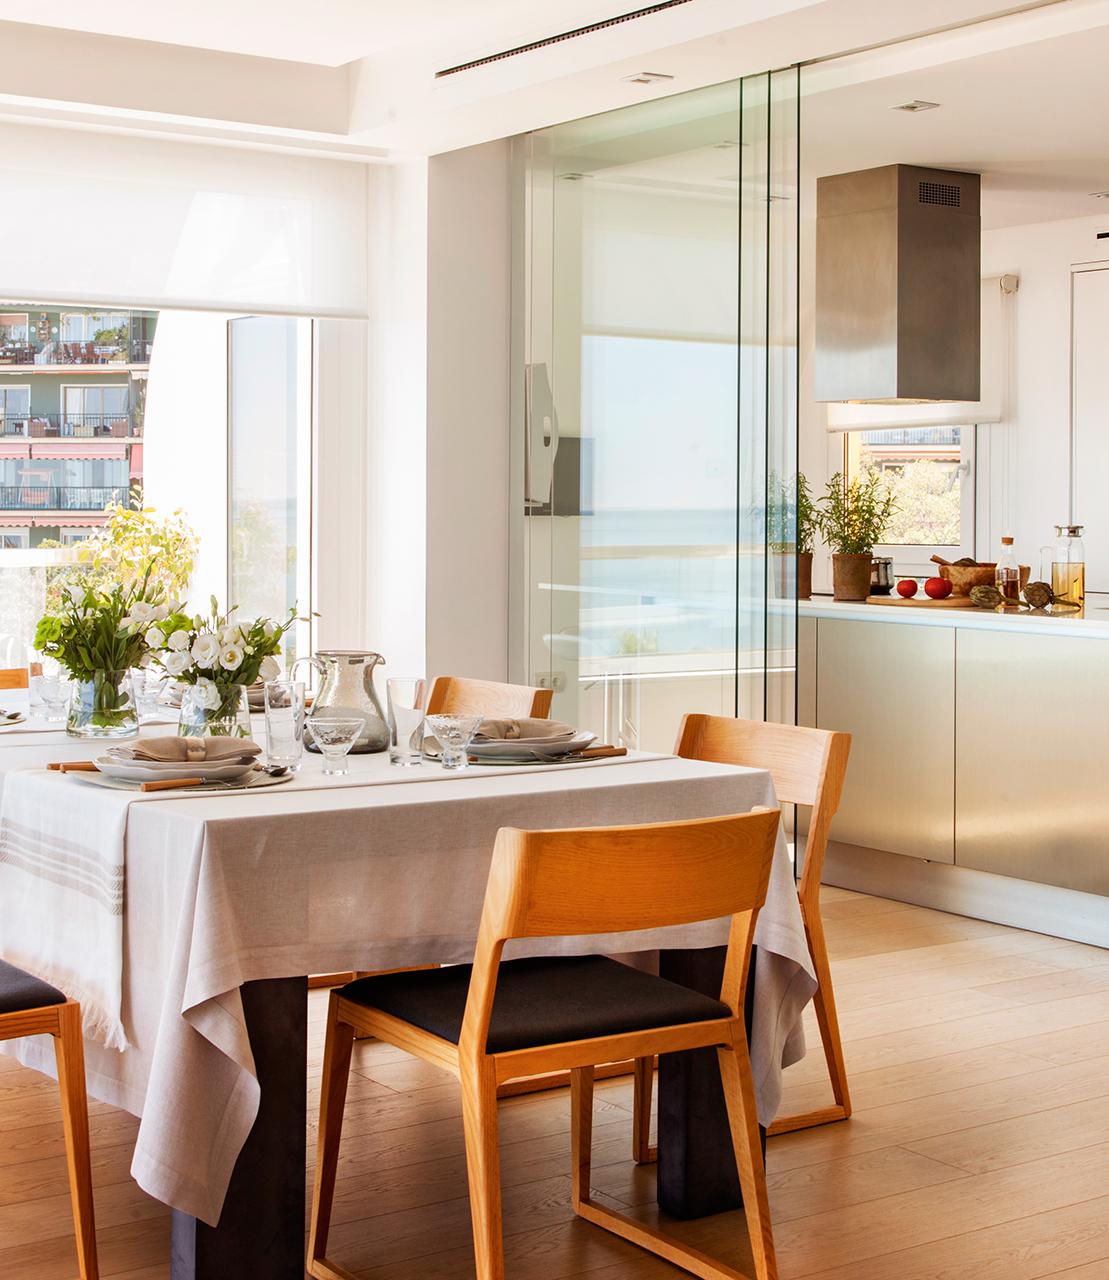 Дизайн кухни гостиной со стеклянными дверями